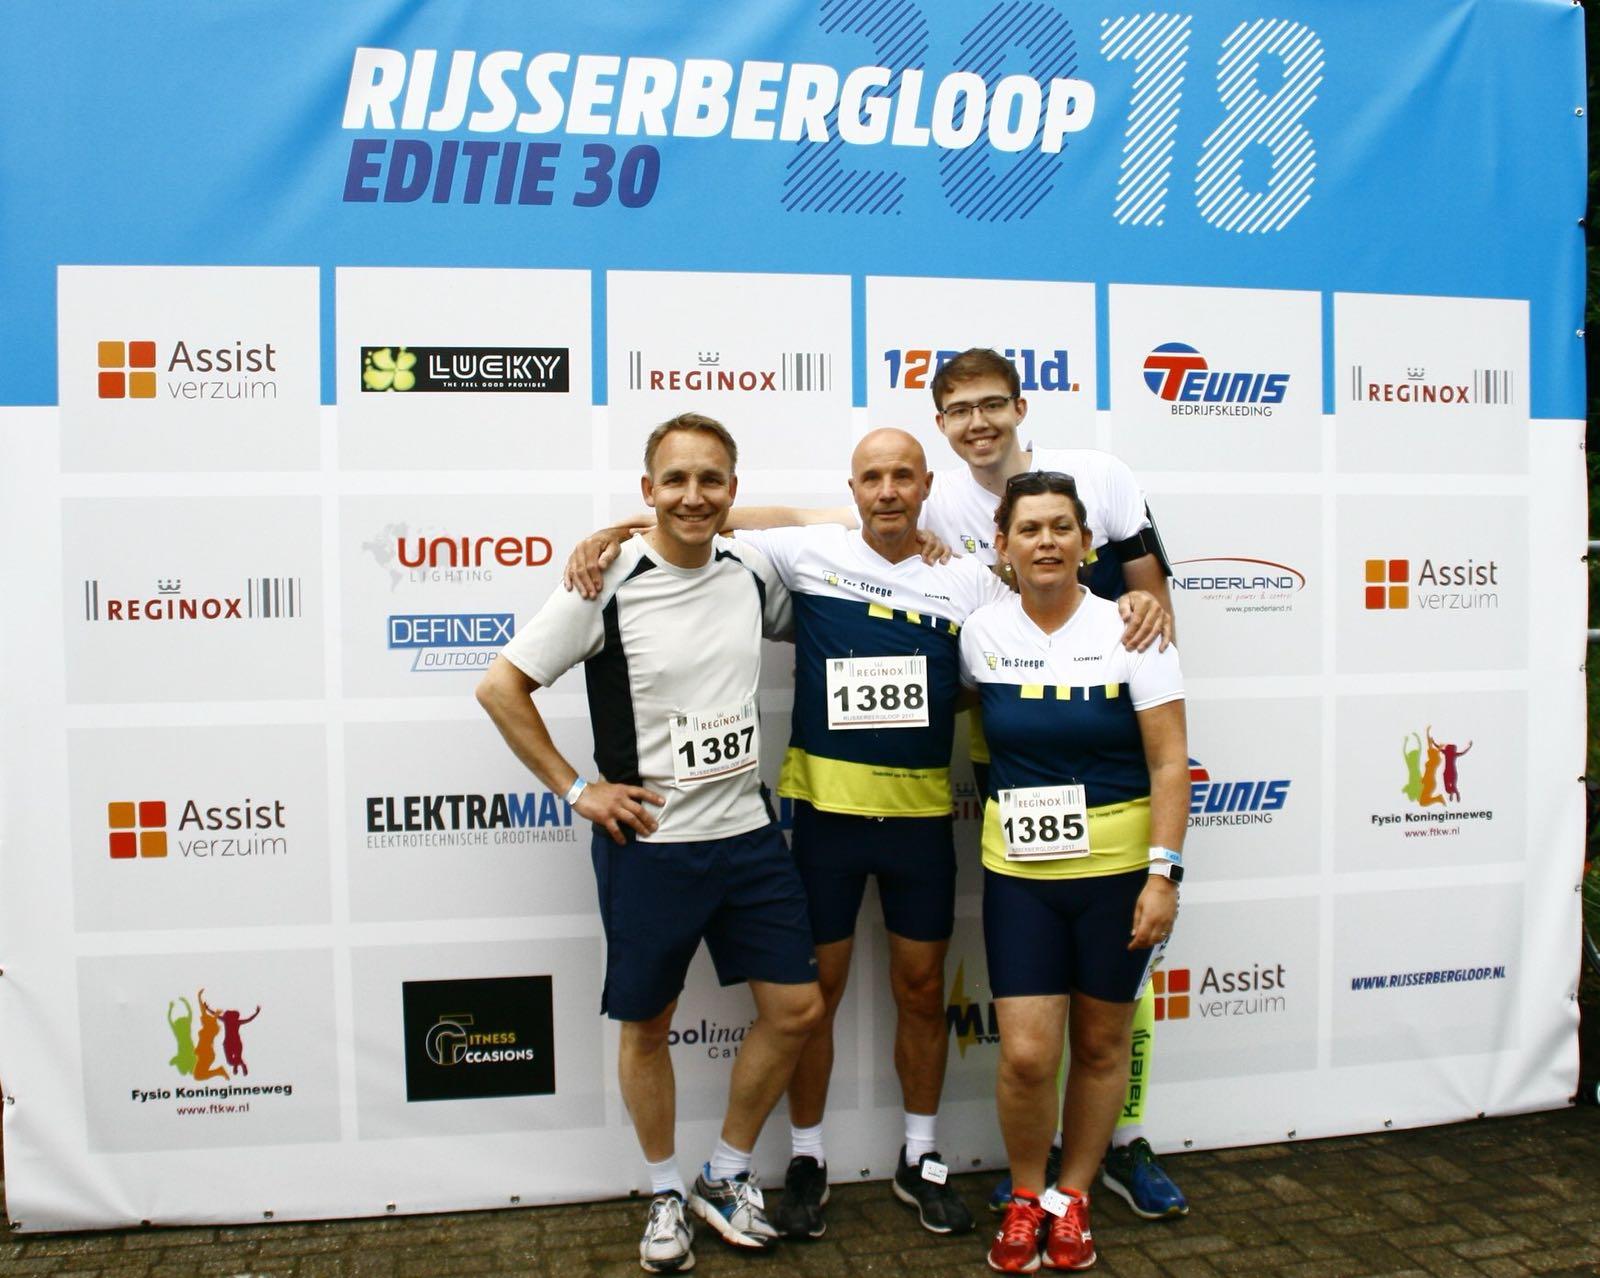 Van het erf naar Rijsserberg